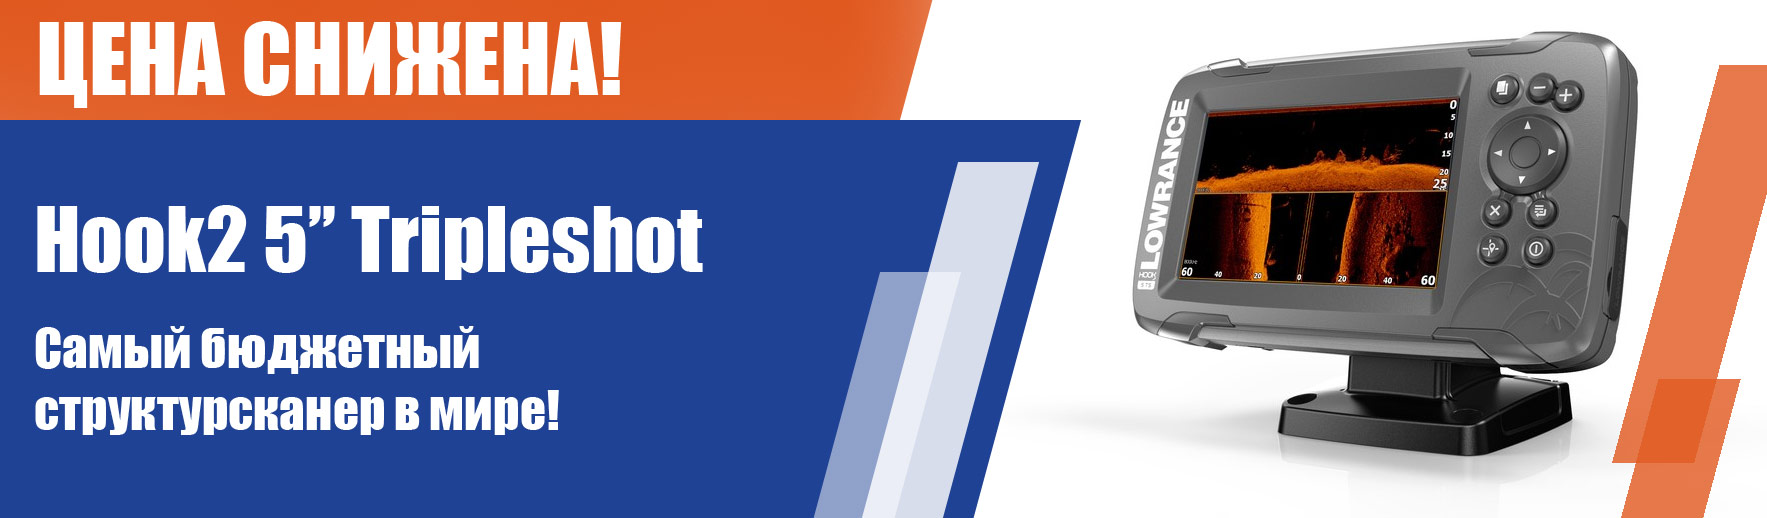 Снижение цены на эхолот - картплоттер Lowrance HOOK2-5 TripleShot в фирменном магазине лоуренс